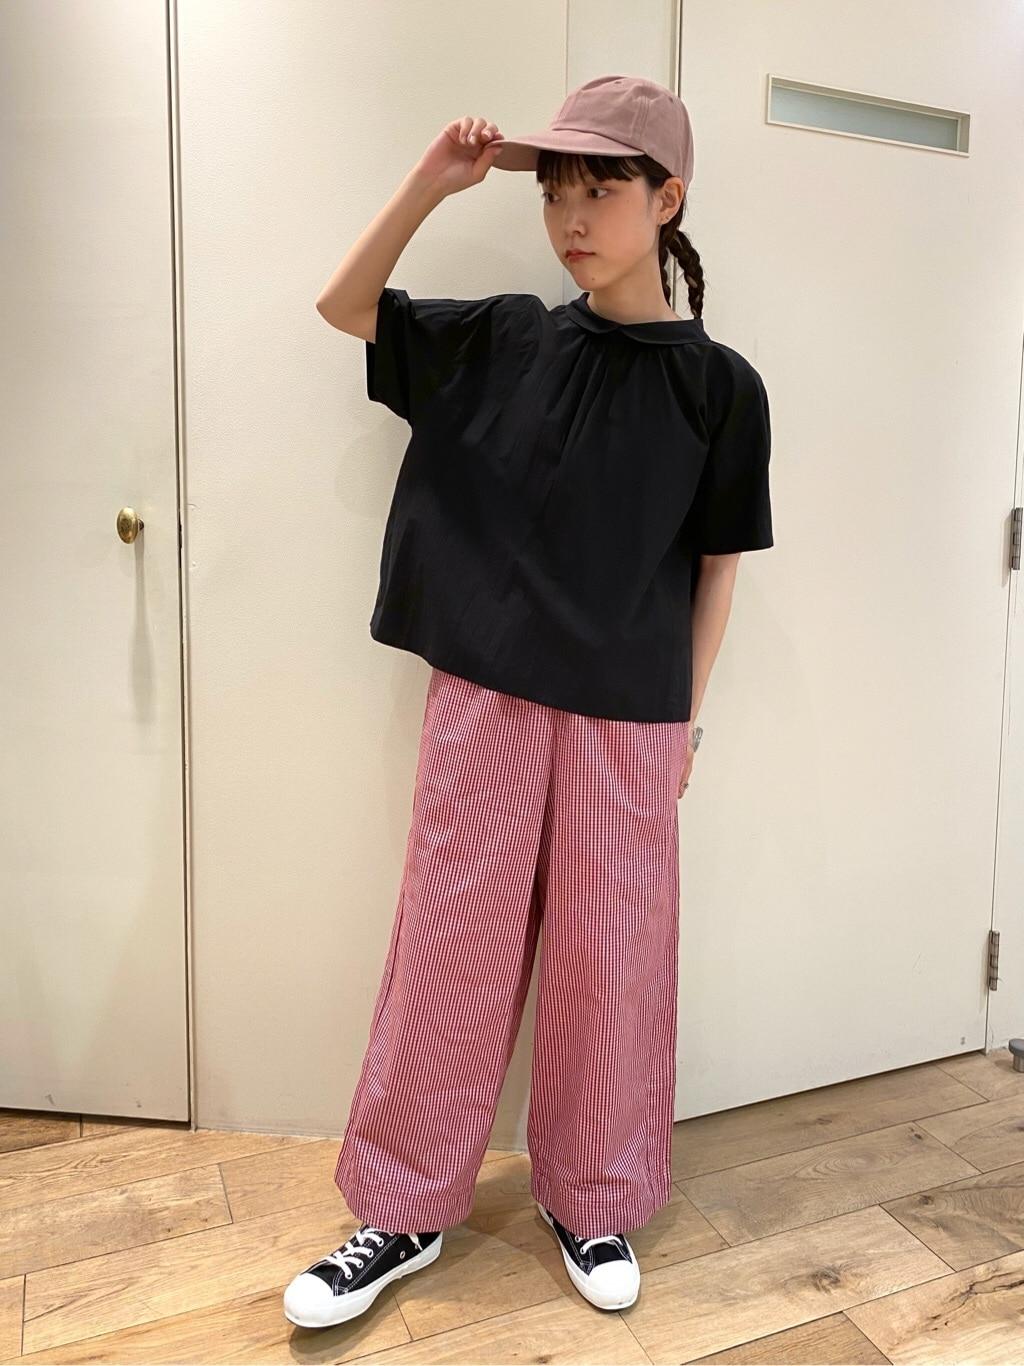 渋谷スクランブルスクエア 2021.04.16